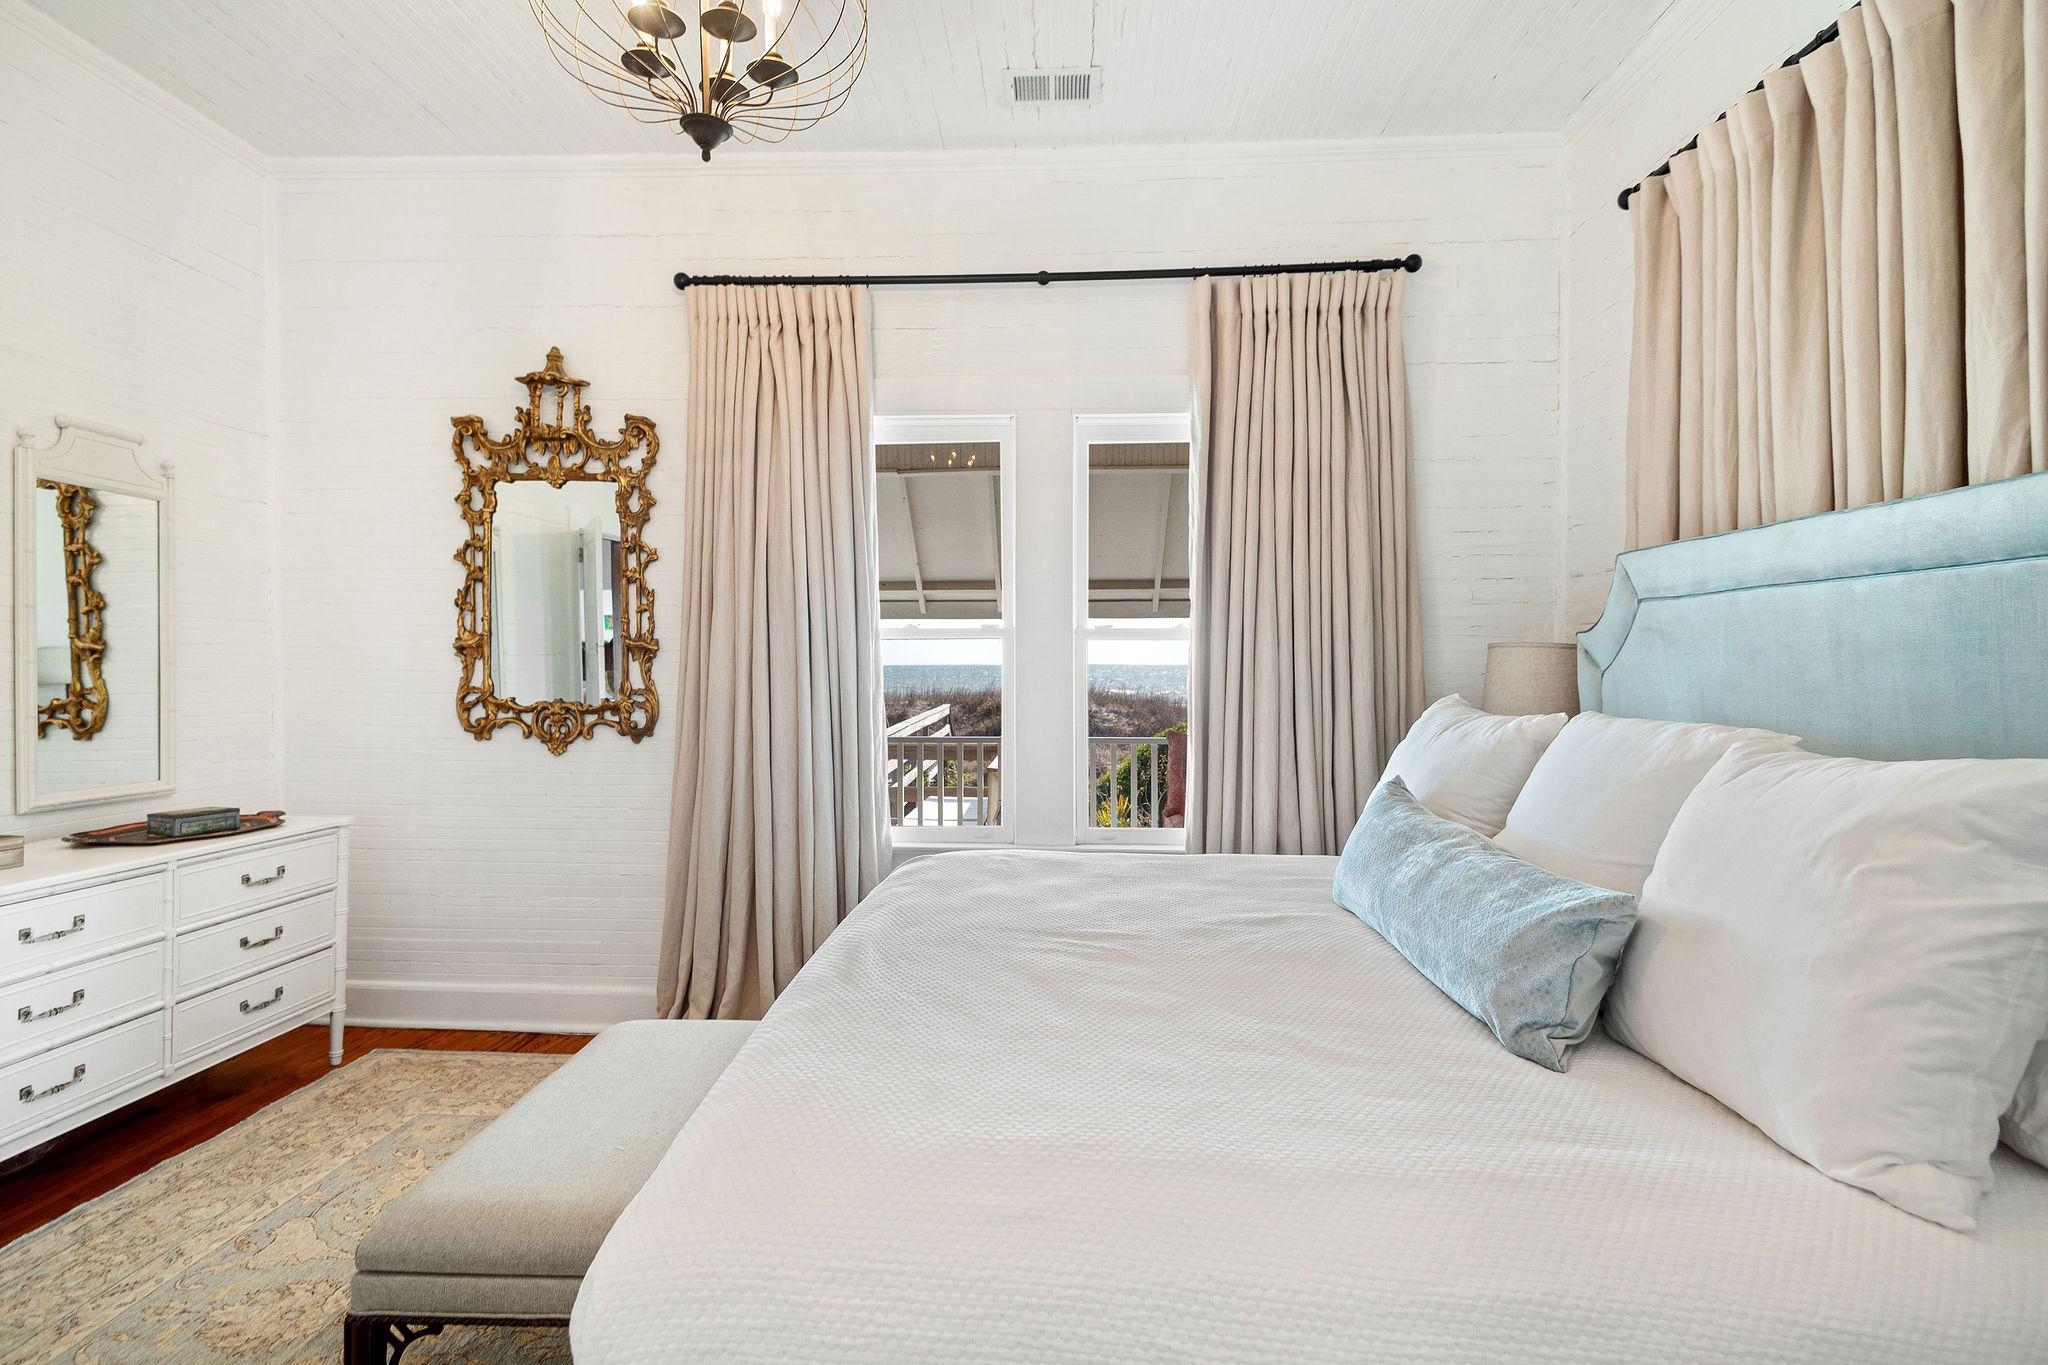 Folly Beach Homes For Sale - 509 Ashley, Folly Beach, SC - 82